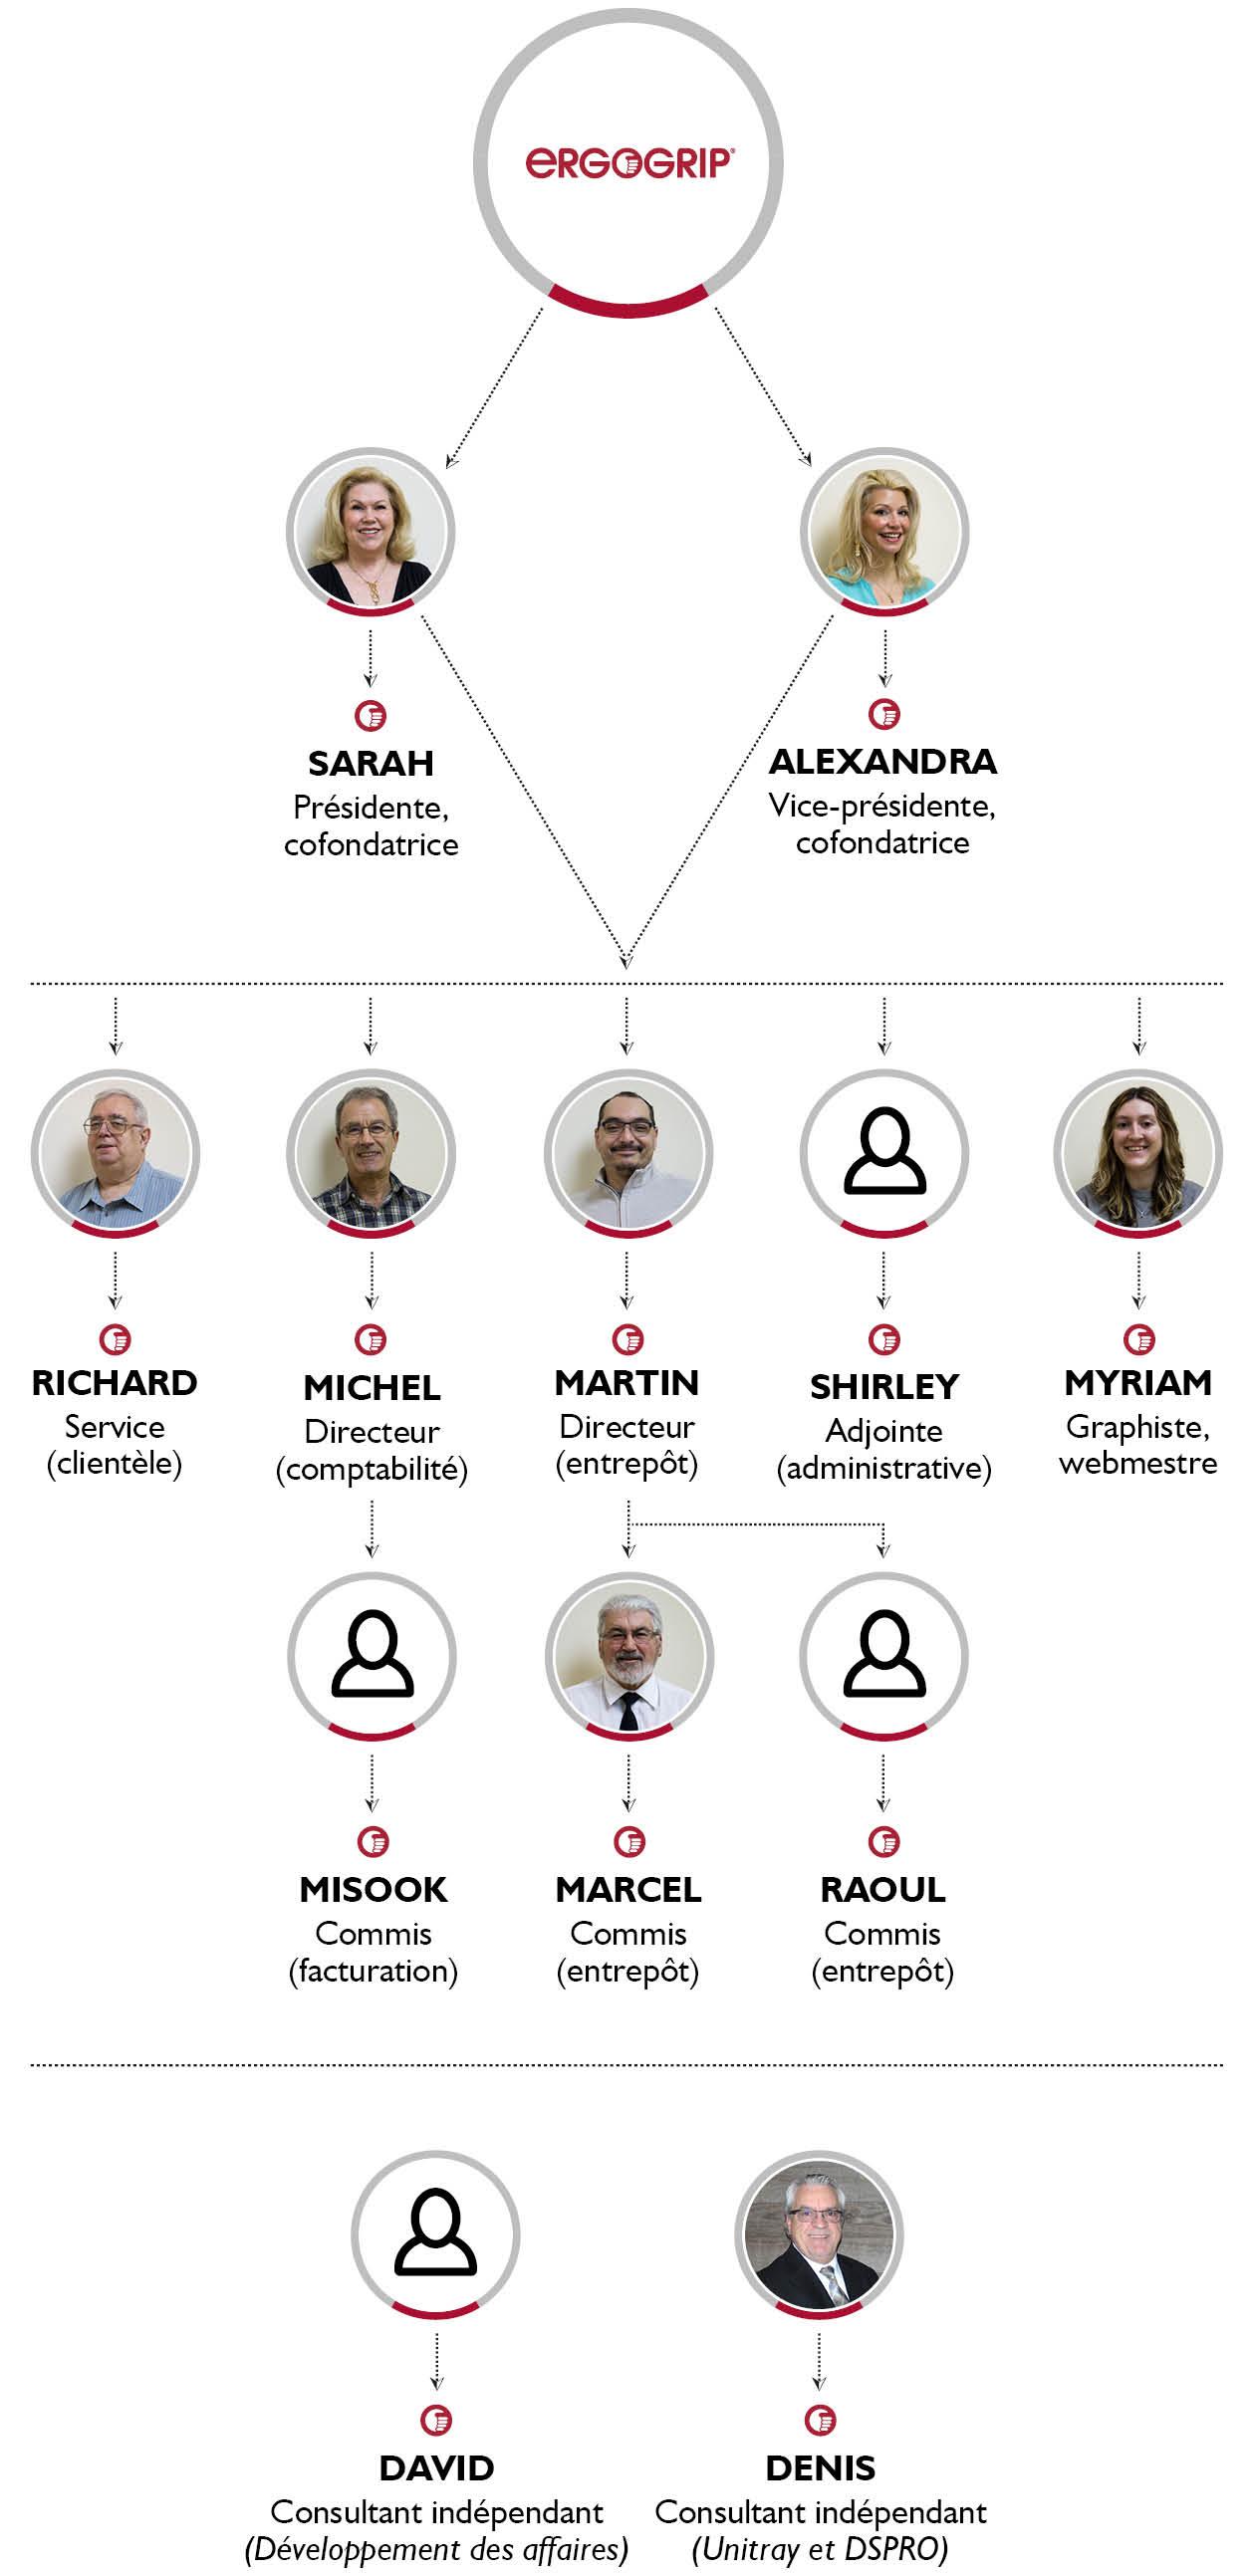 Organigramme des membres de l'équipe d'Ergogrip